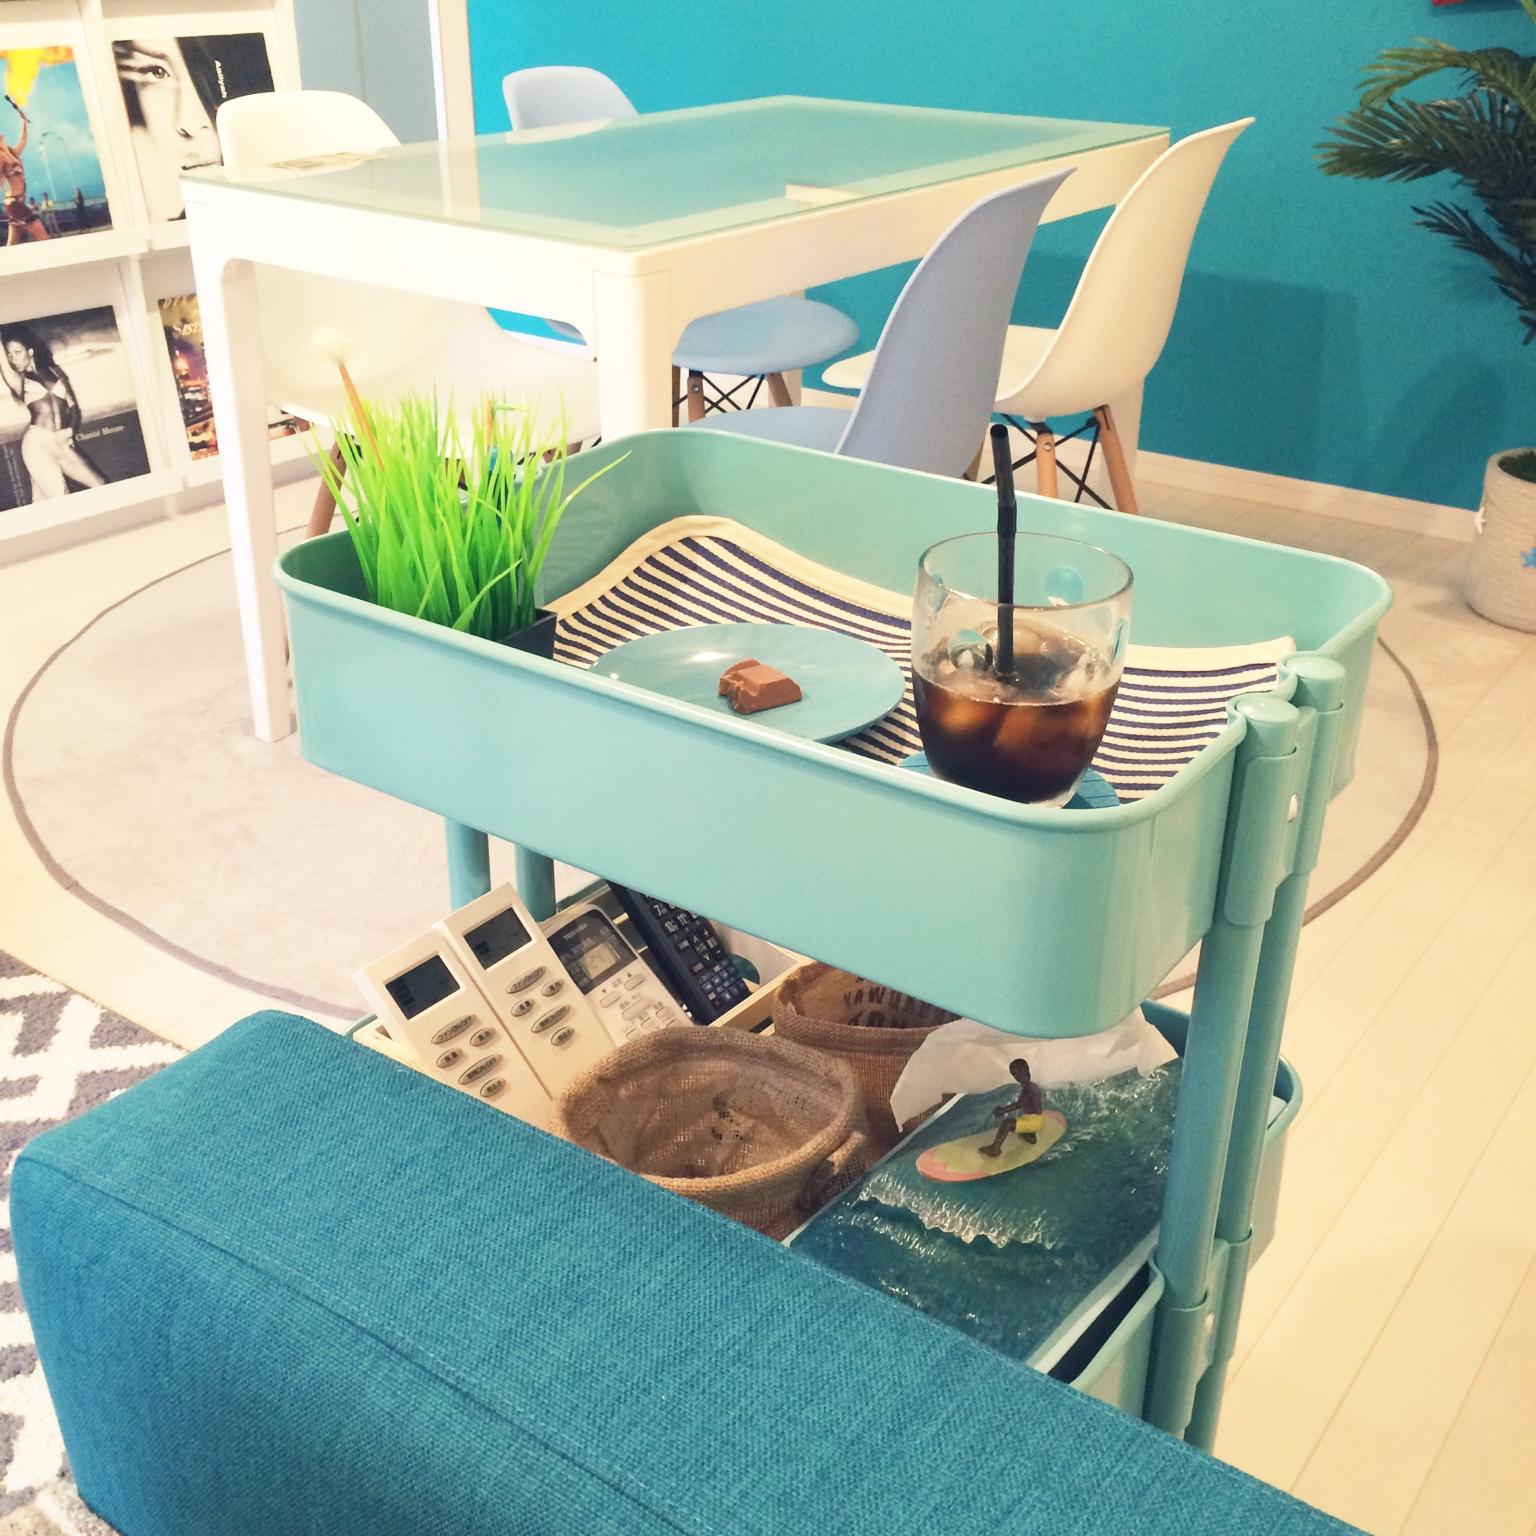 【IKEA in RoomClip vol.10】涼しく過ごす、アイデアがいっぱい。【PR】